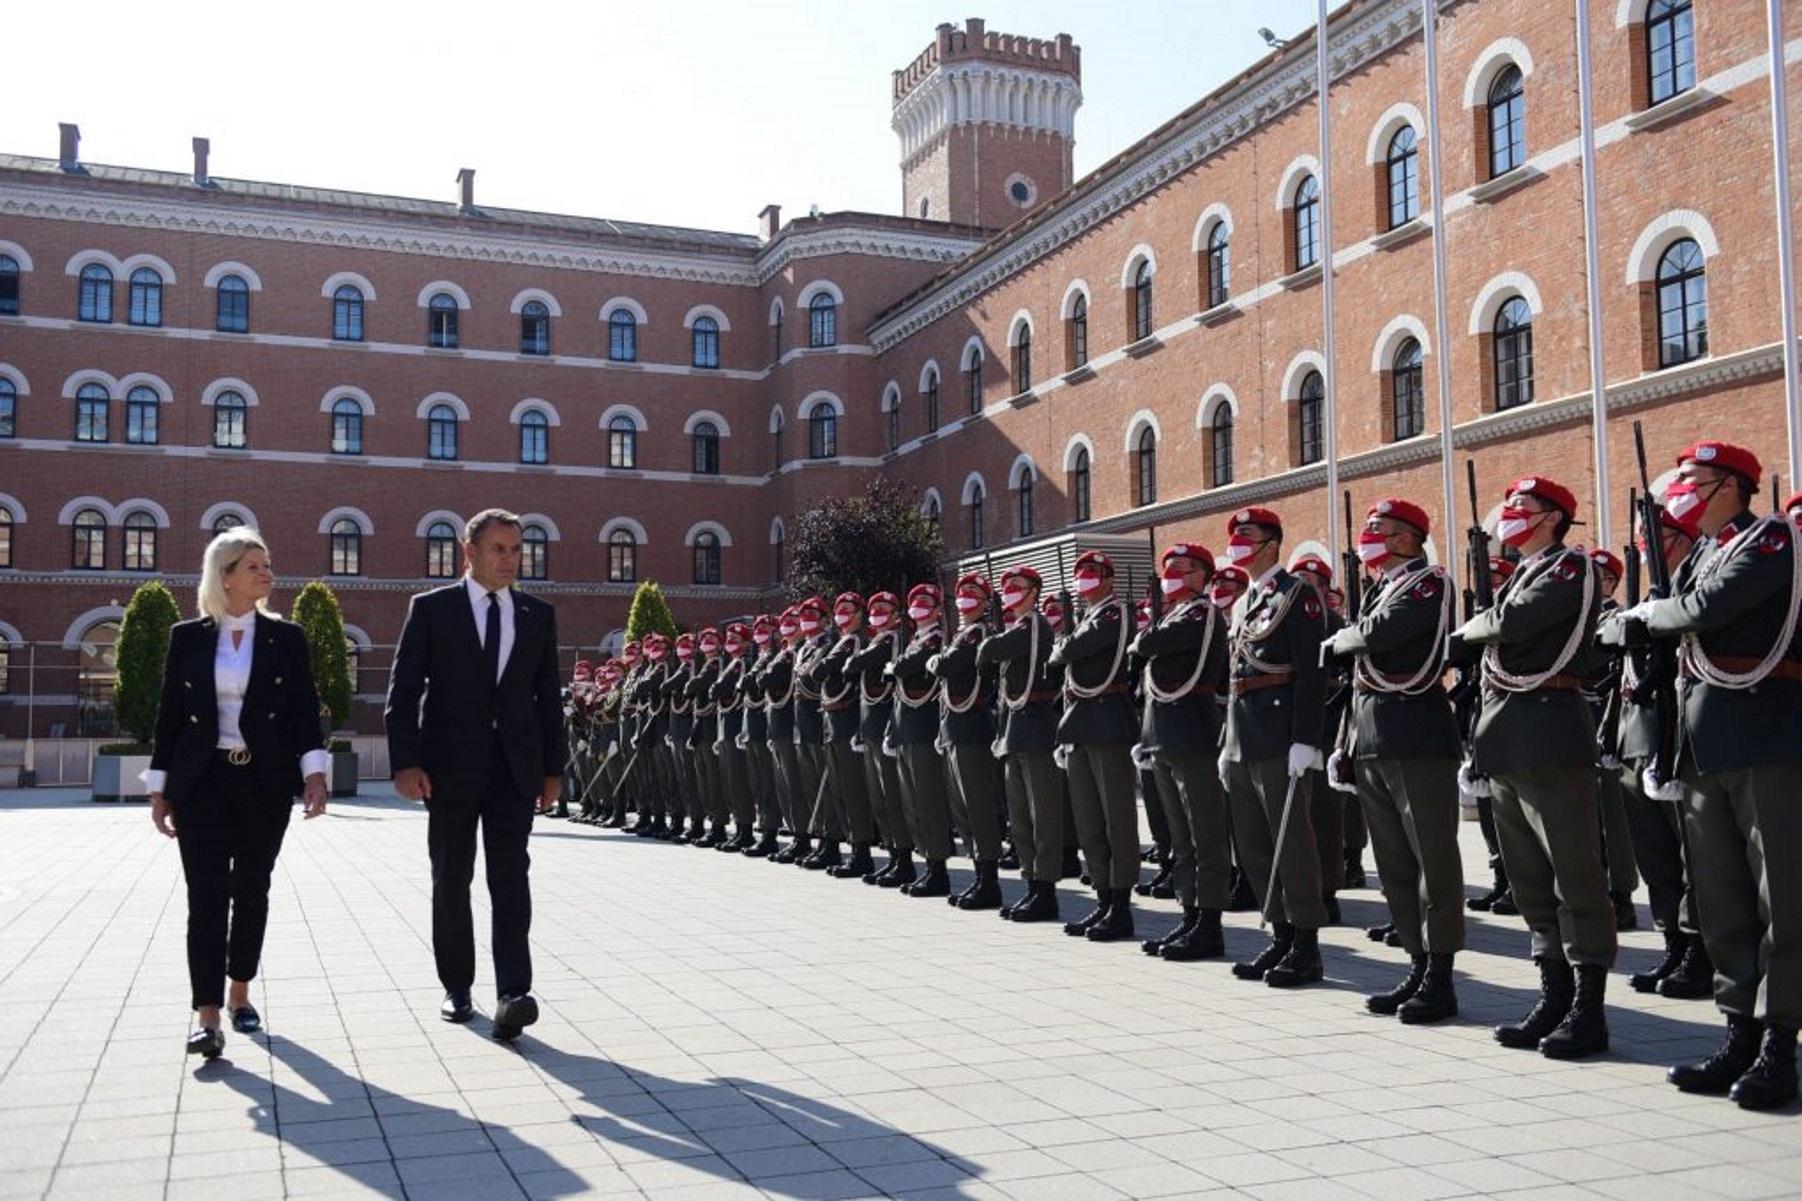 ΥΕΘΑ: «Έπεσαν οι υπογραφές» στο Μνημόνιο Κατανόησης με την Αυστρία